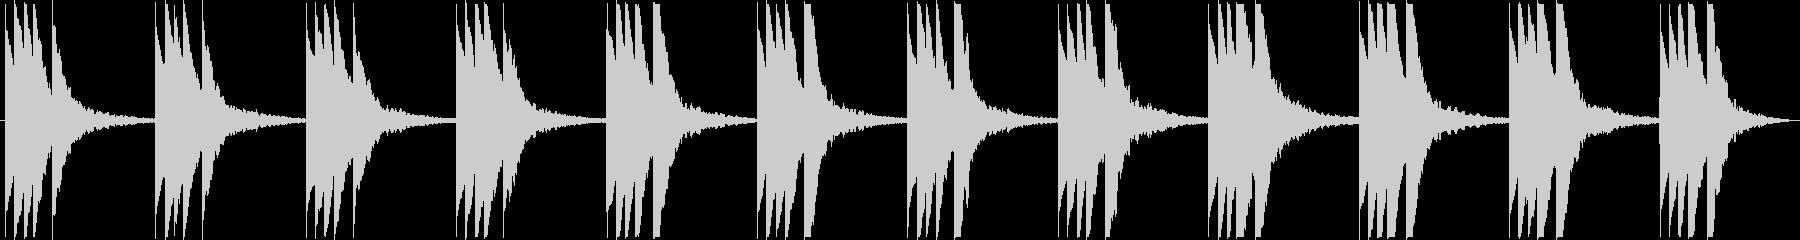 複雑な雰囲気のBGMの未再生の波形